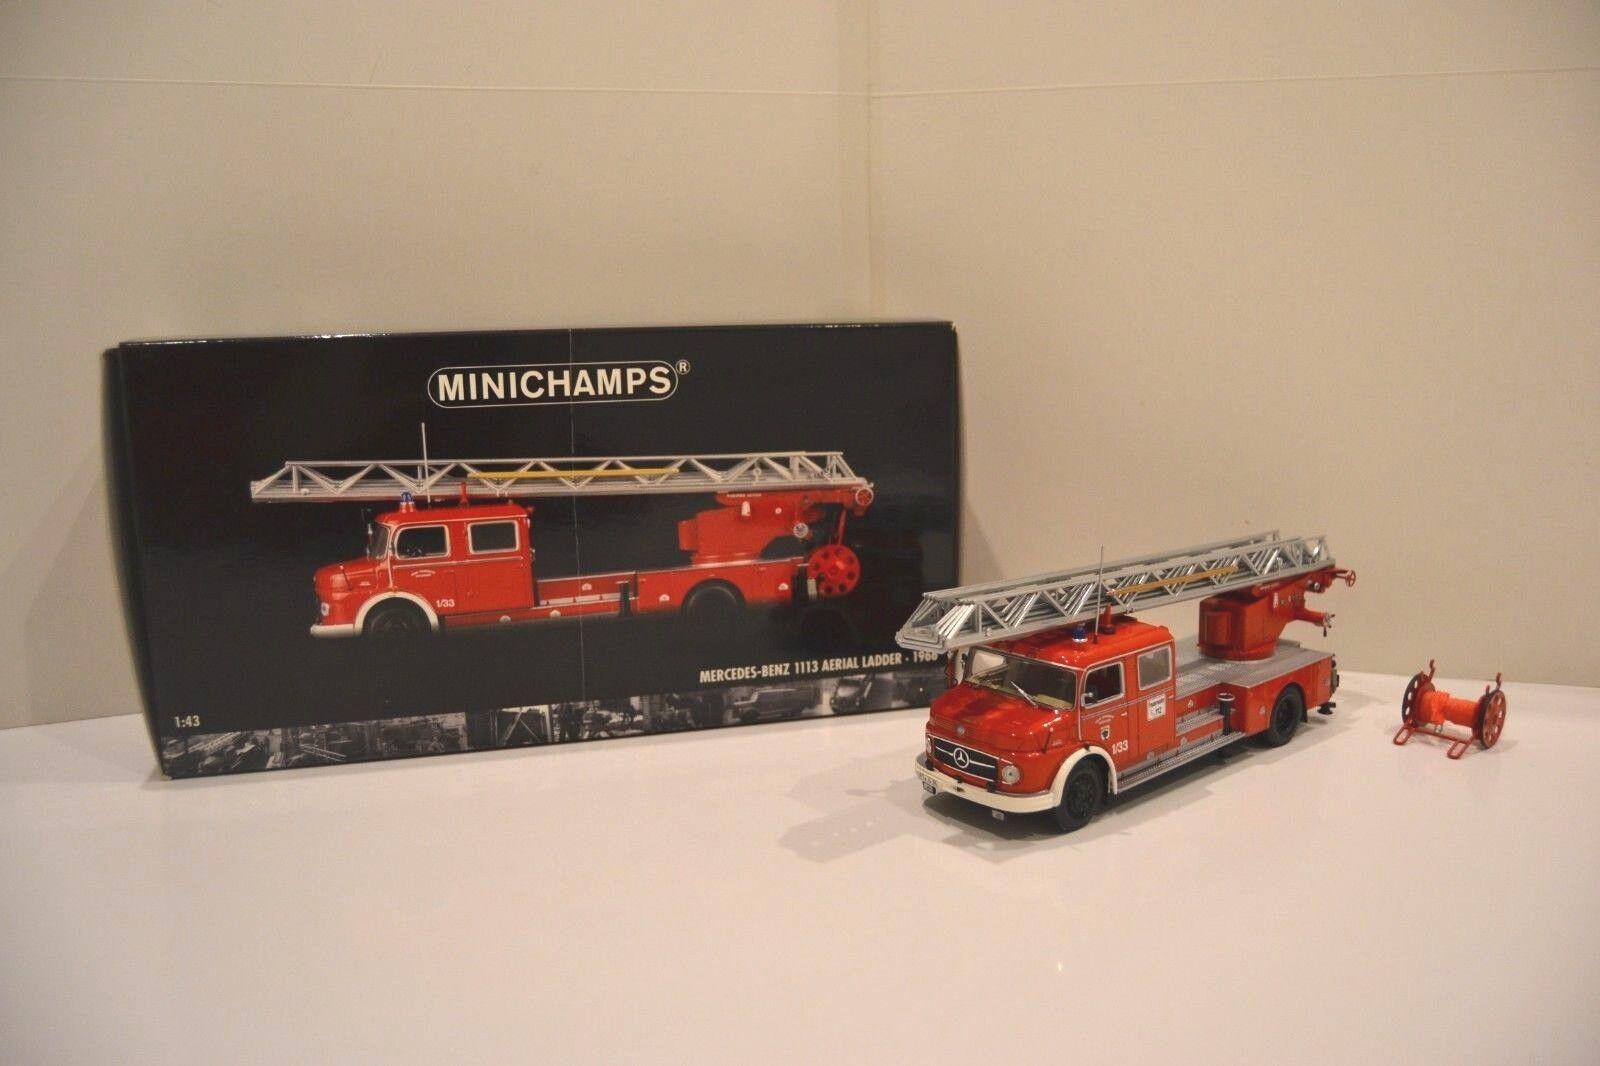 Minichamps 1/43. Mercedes-Benz L1113 1966 aerial ladder DL30. Réf. 439 031070.